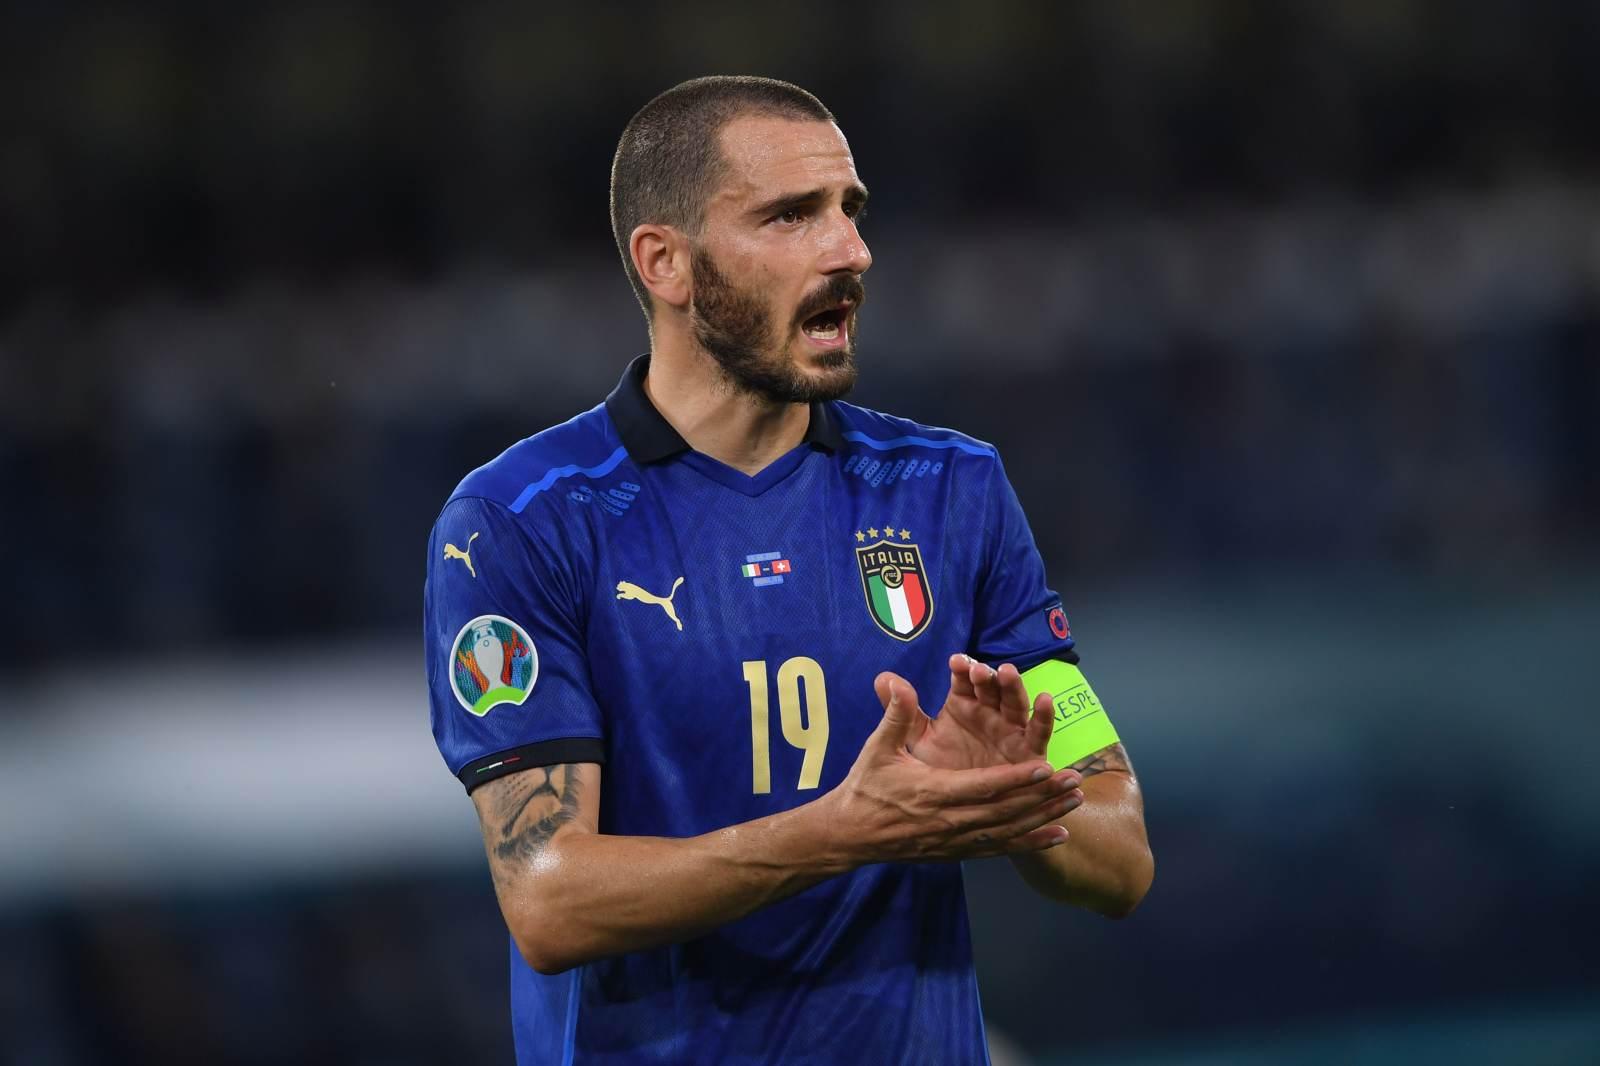 Стюард приняла Бонуччи за фаната после выхода сборной Италии в финал Евро-2020